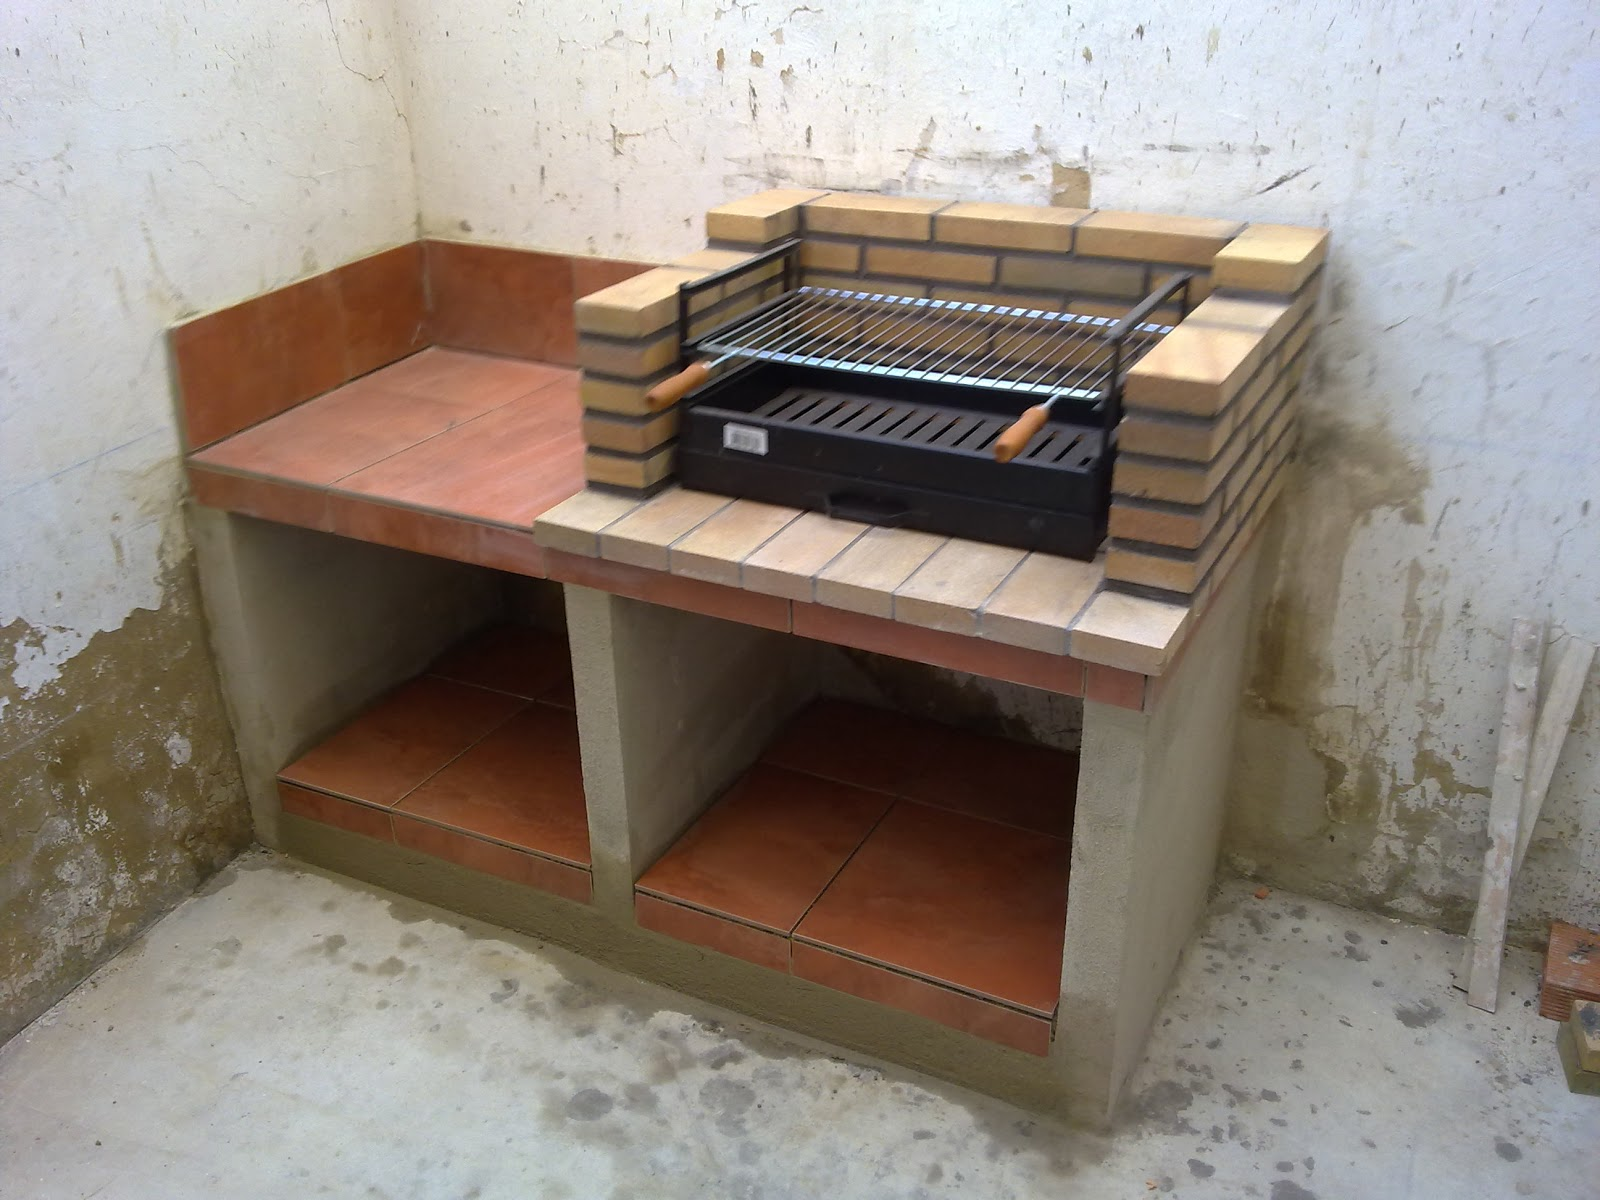 Toni alba il experto a buen precio 675320869 barbacoa en - Barbacoa para terraza ...